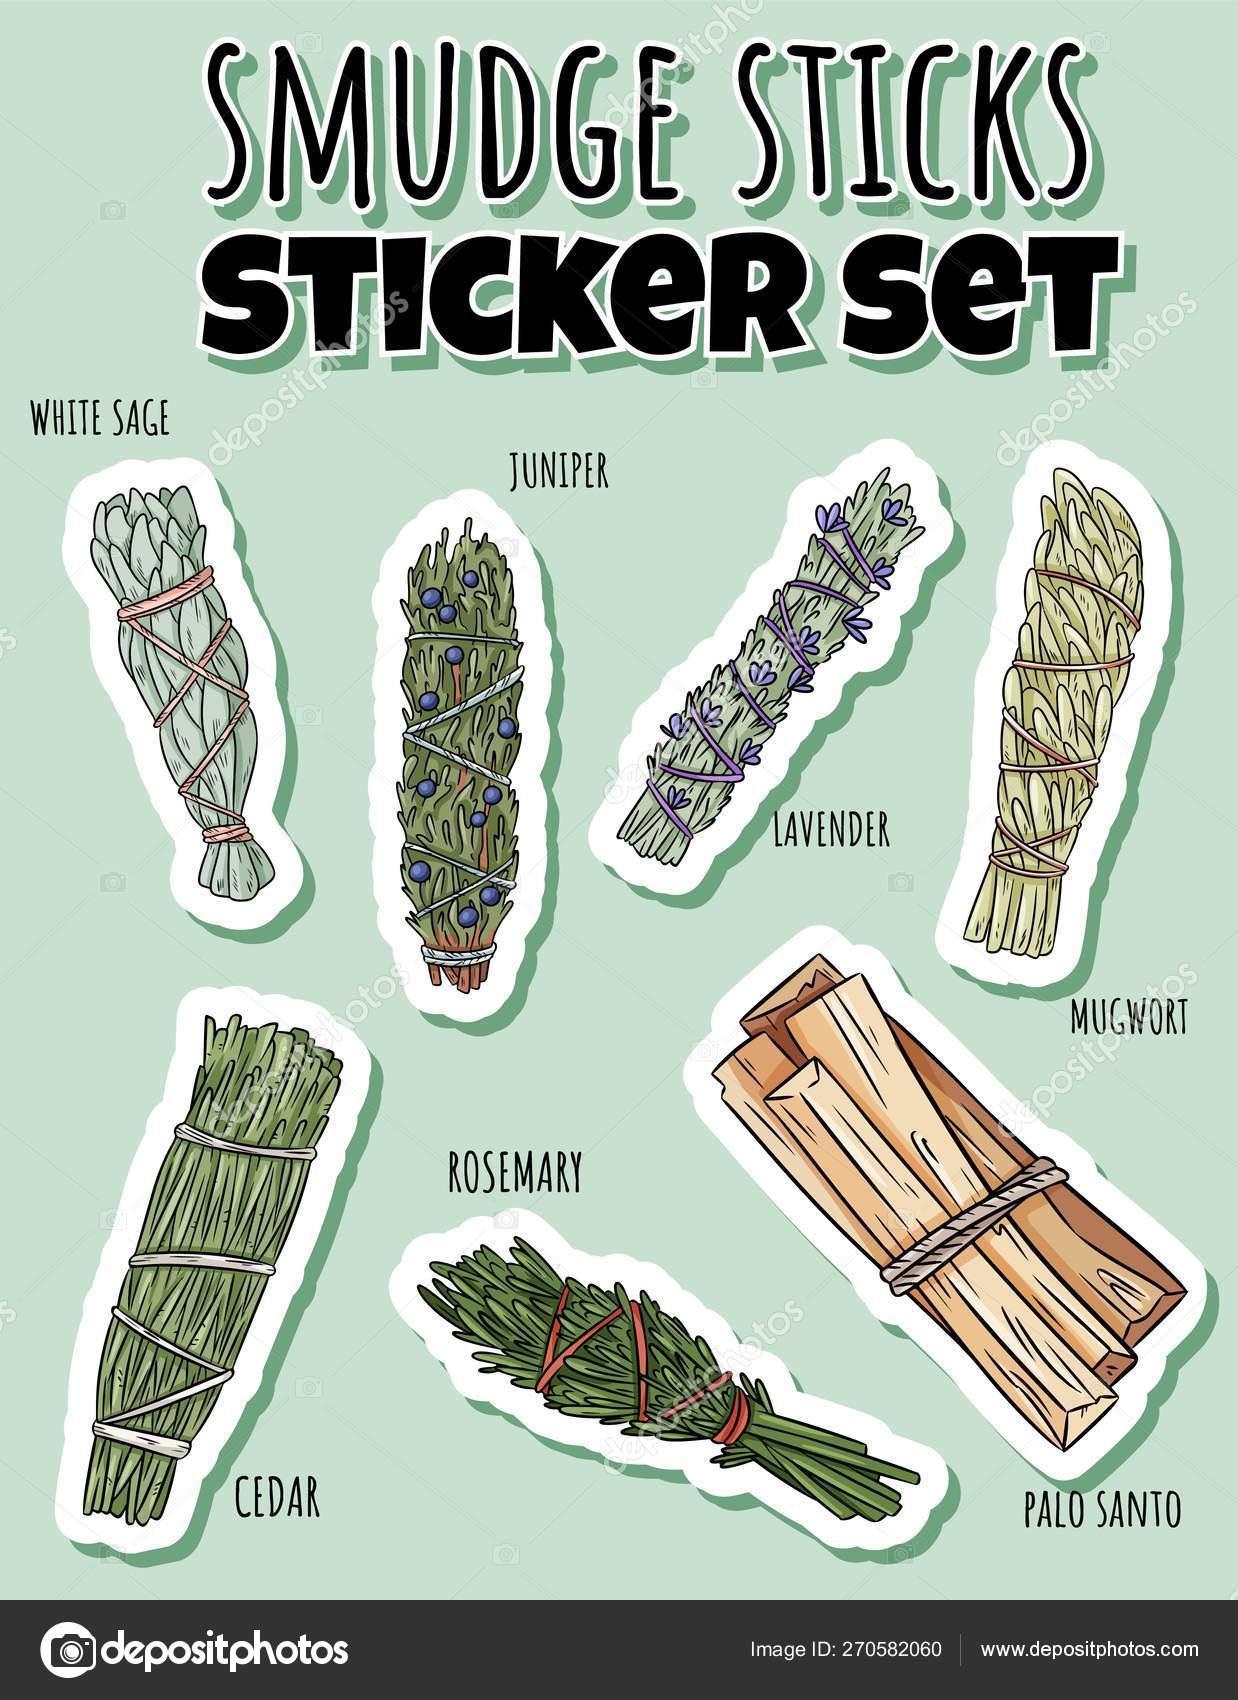 Sage smudge sticks hand-drawn sticker set  Herb bundles label